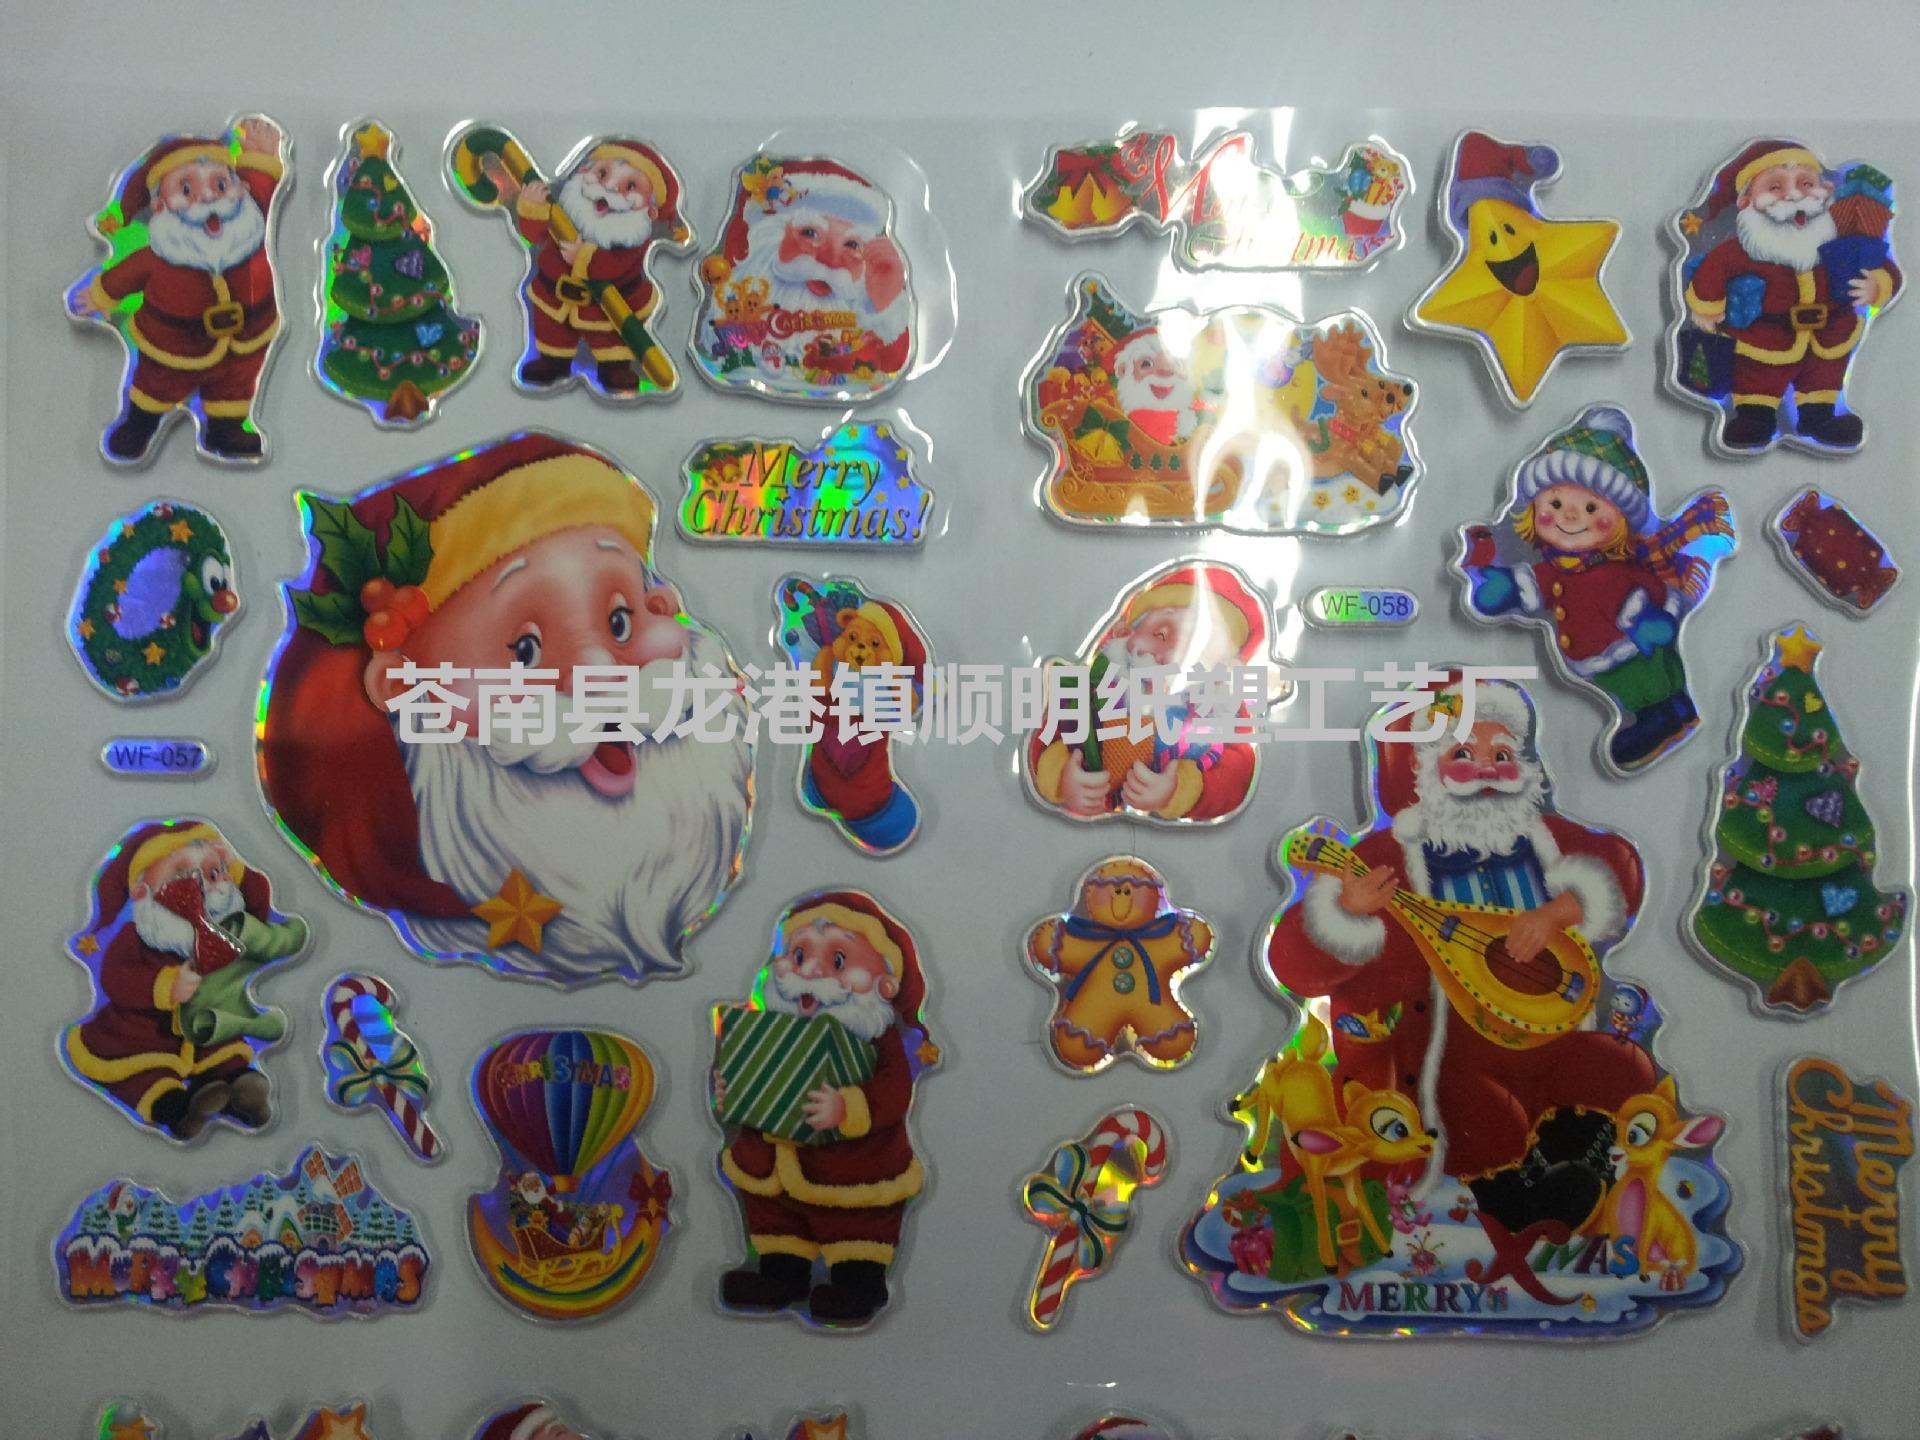 批发定制圣诞老人贴纸 带钻泡泡贴 卡通儿童海绵贴纸 可来稿设计